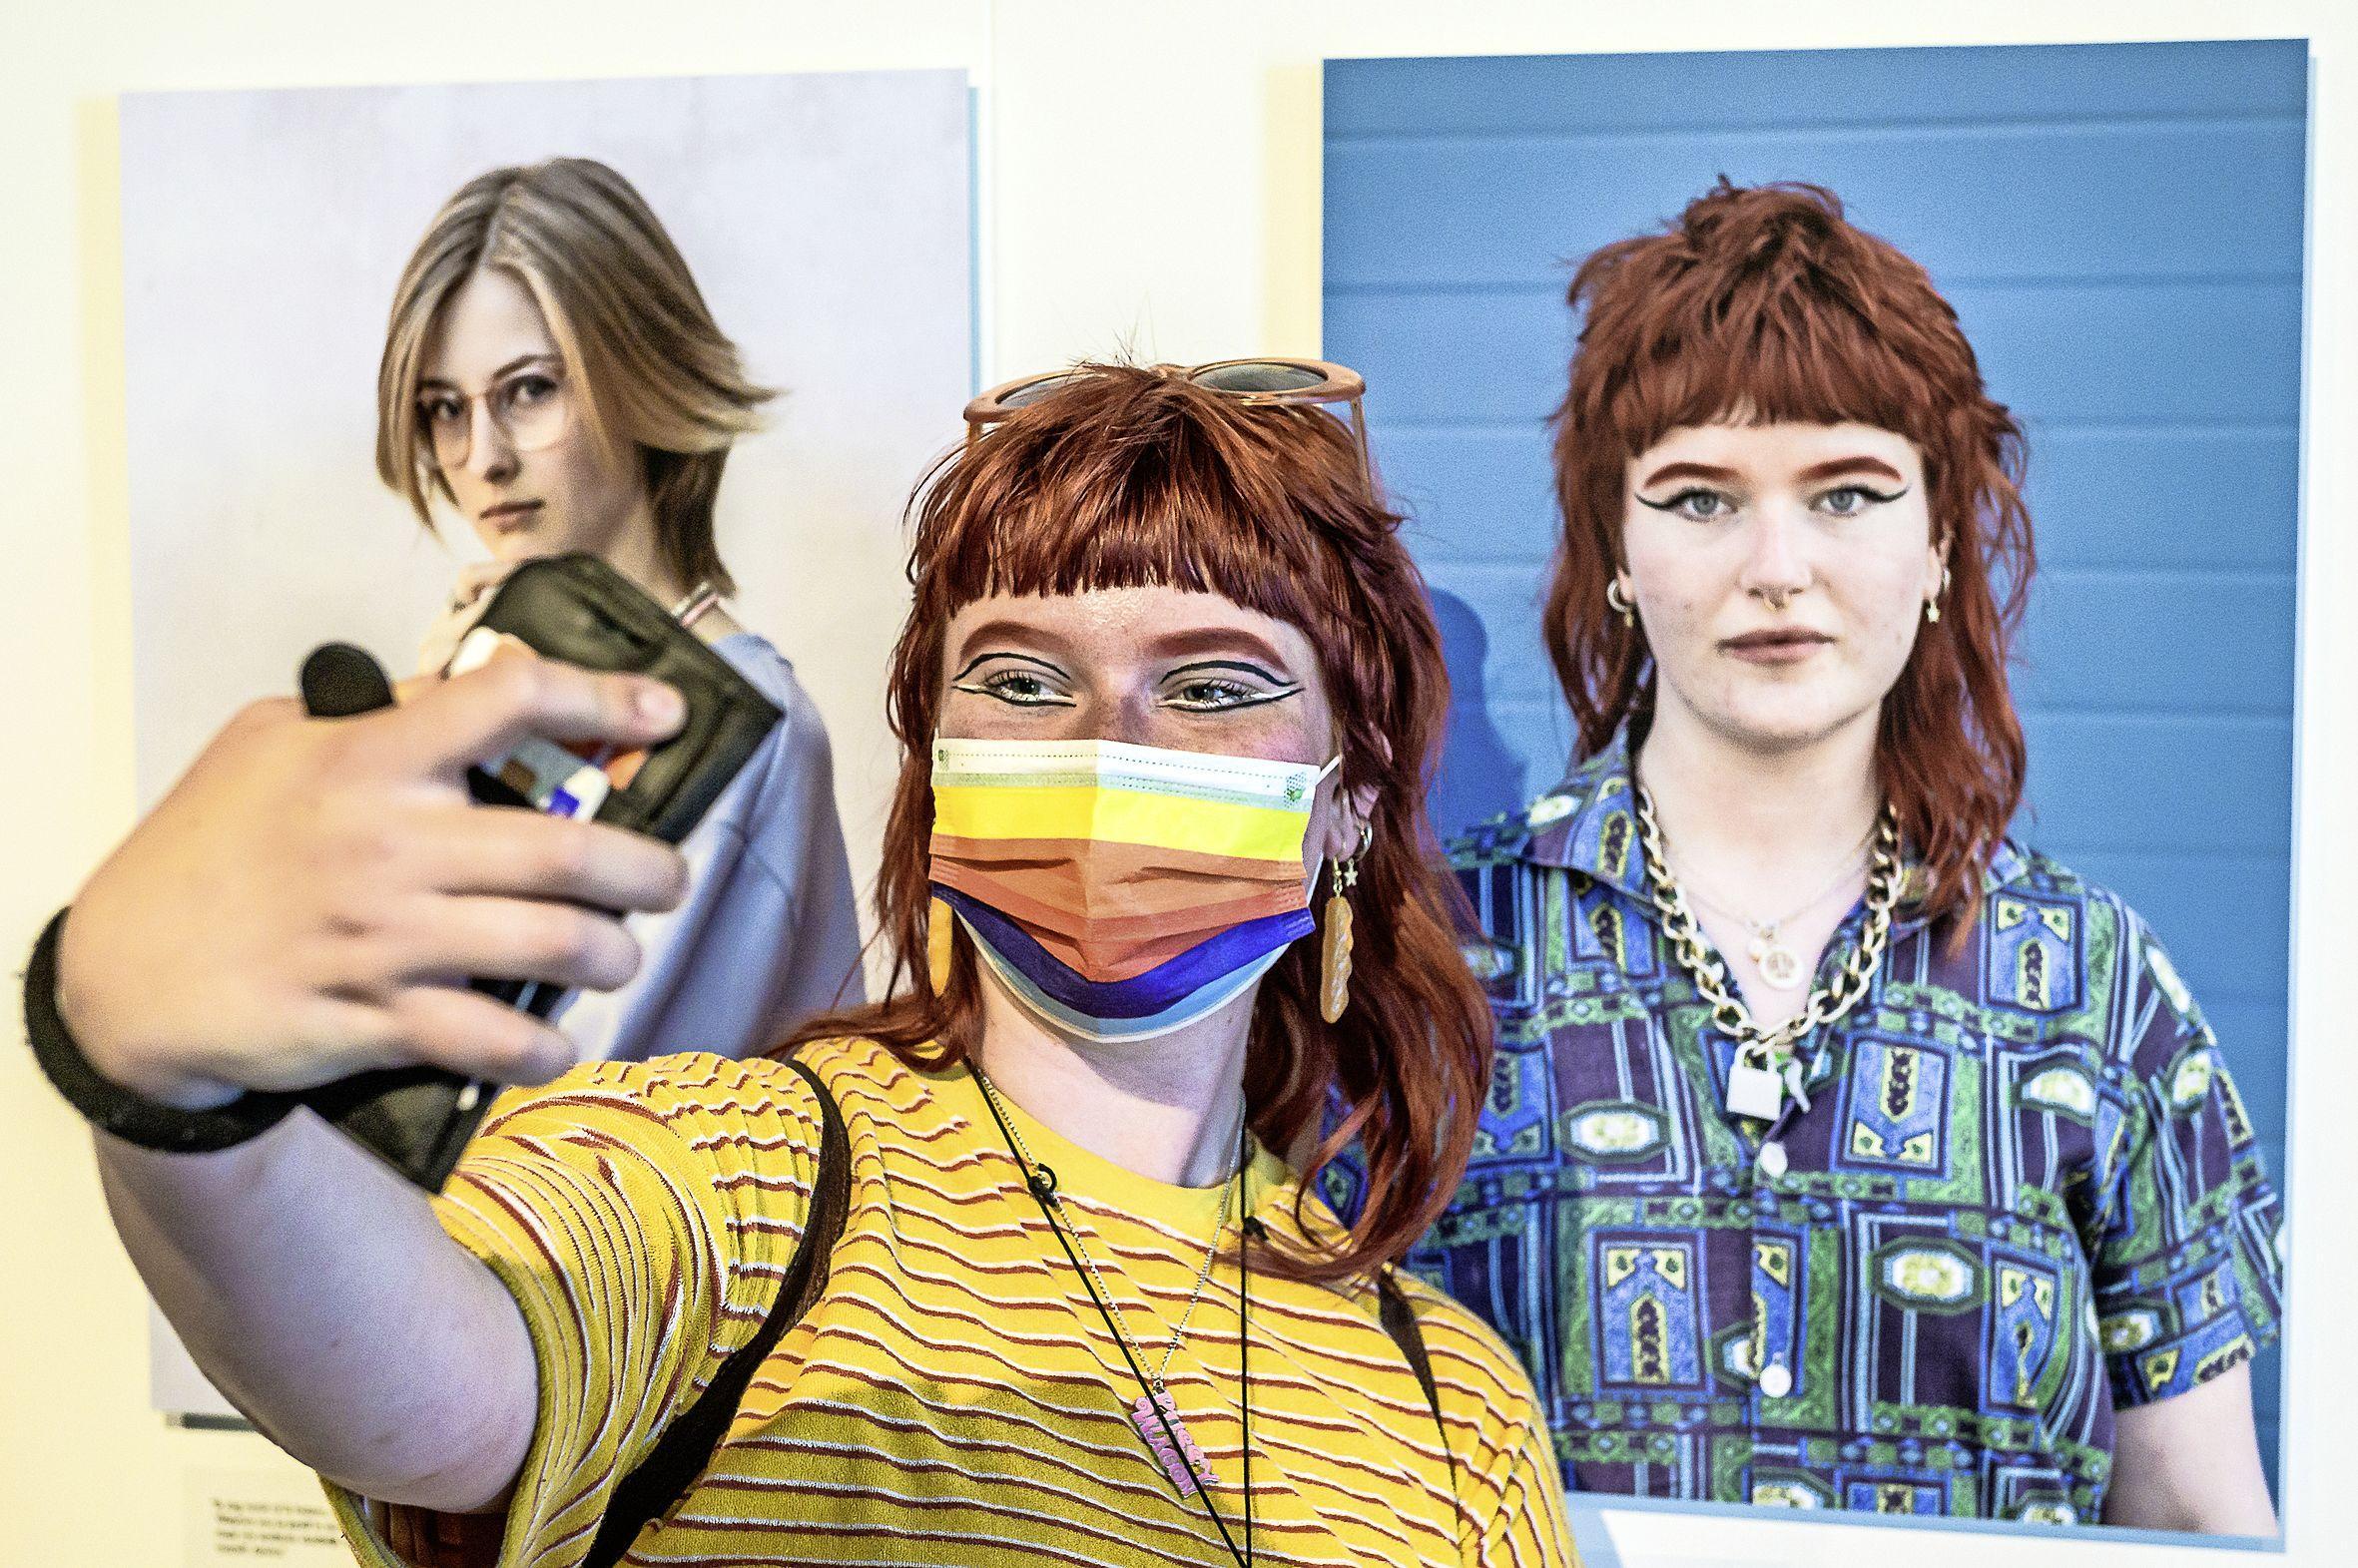 Bi, ho, les of hetero: deze Zaanse jongeren hebben hun eigen identiteit en laten die zien in het Zaans Museum